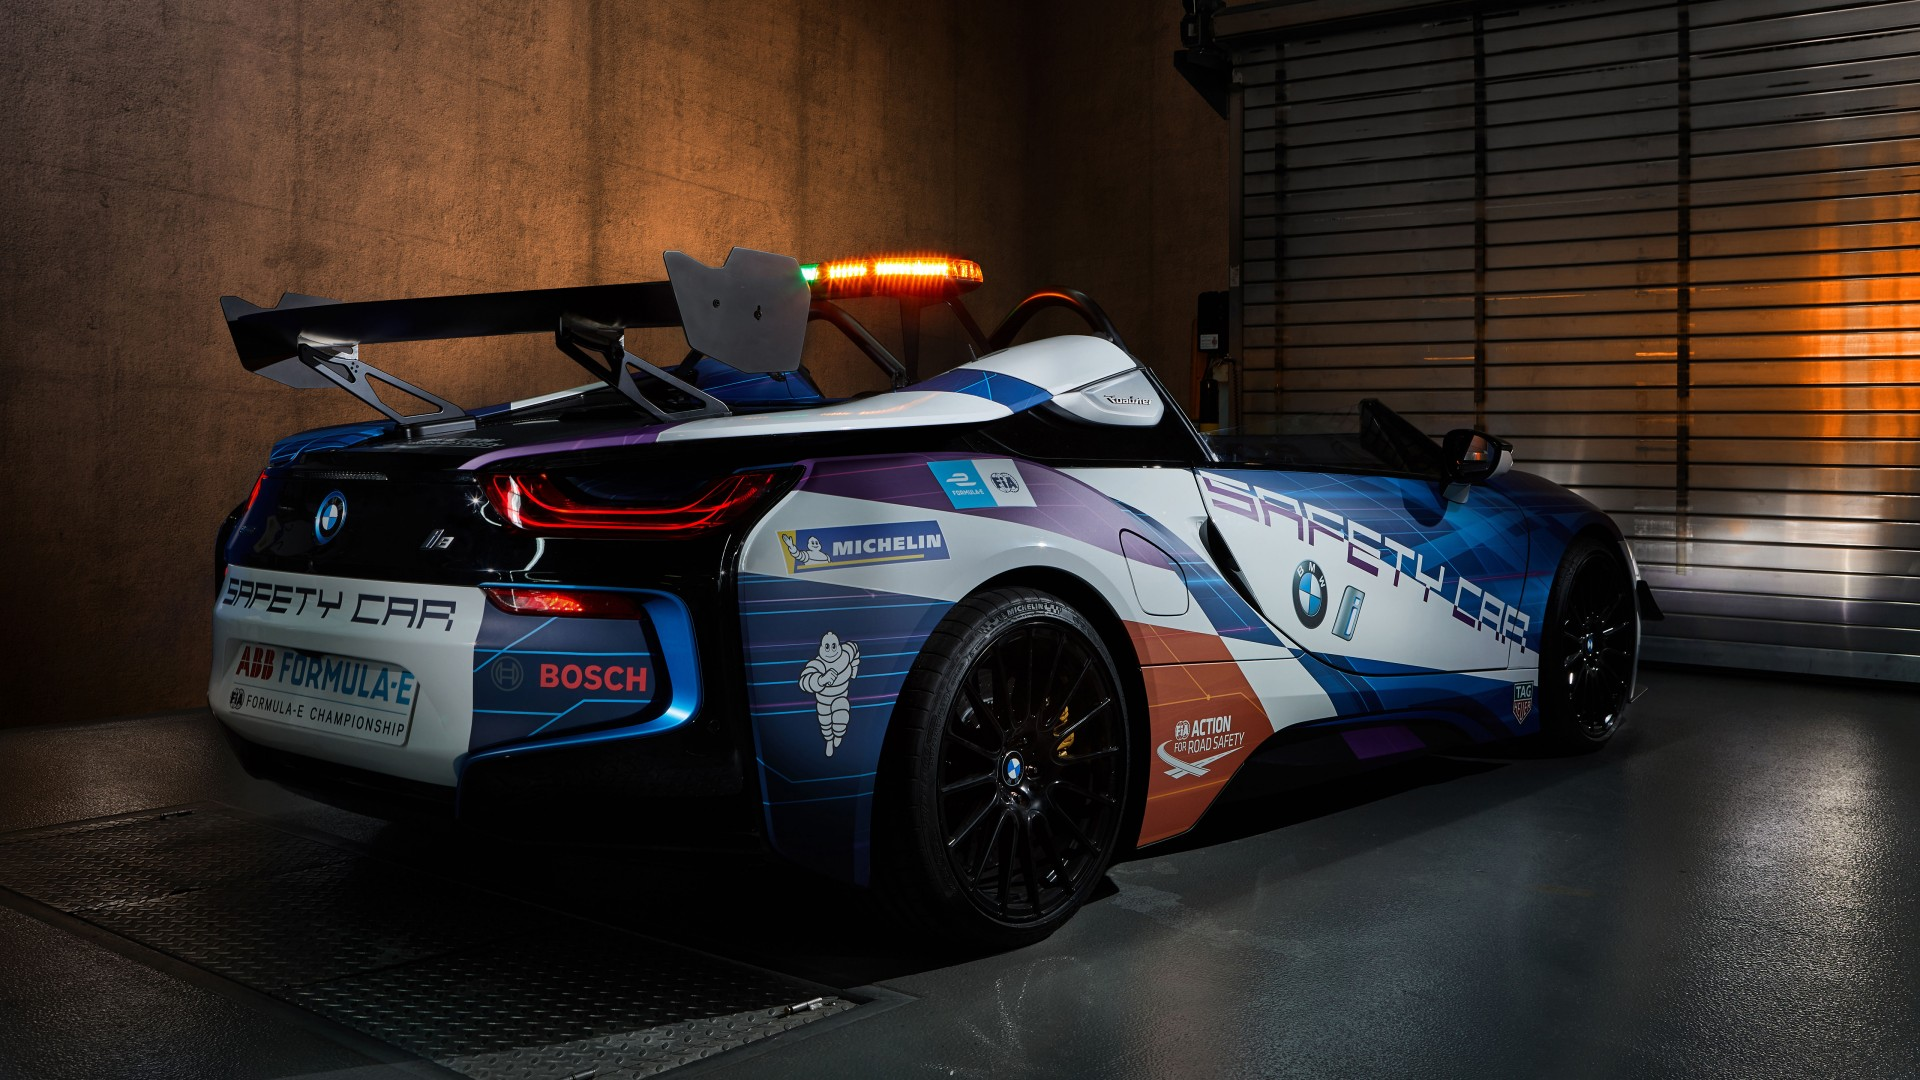 Bmw I8 Roadster >> BMW i8 Roadster Formula E Safety Car 2019 5K 2 3 Wallpaper